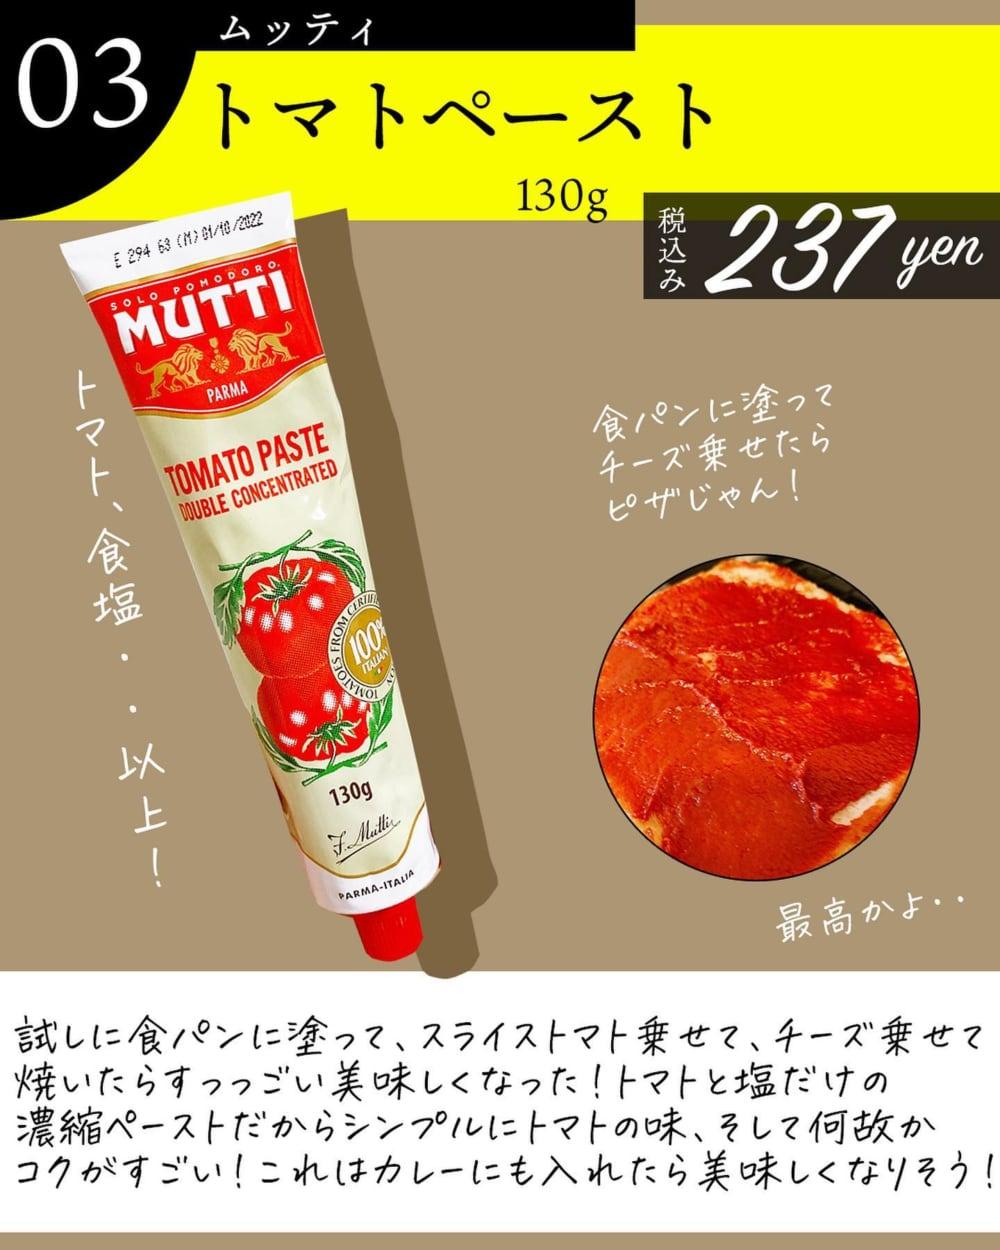 ムッティトマトペースト